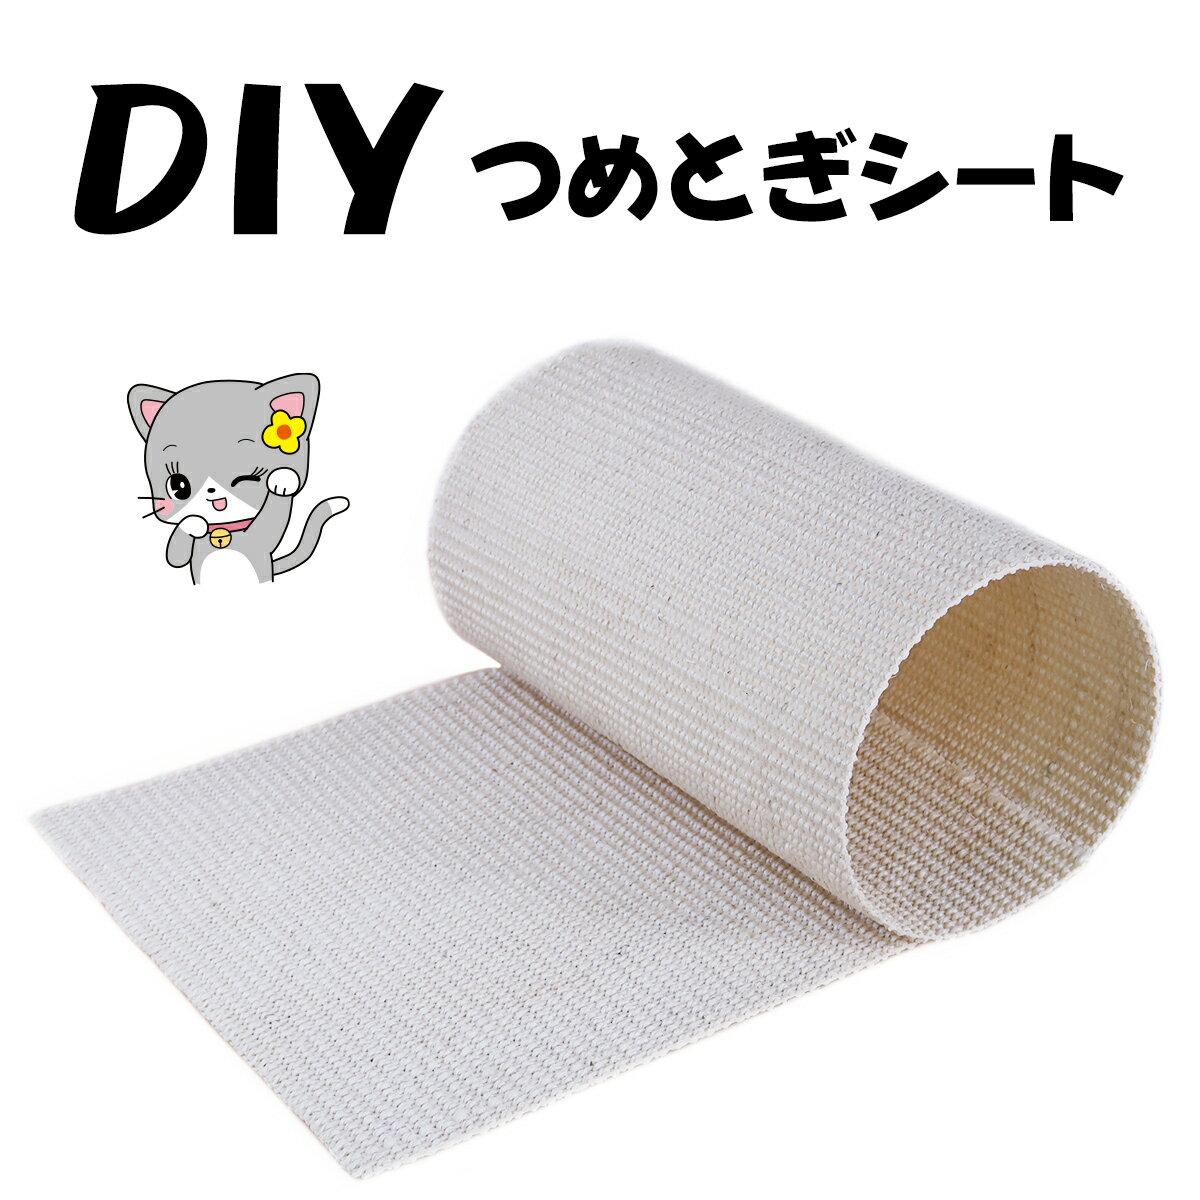 DIY裁ち切り爪とぎシート